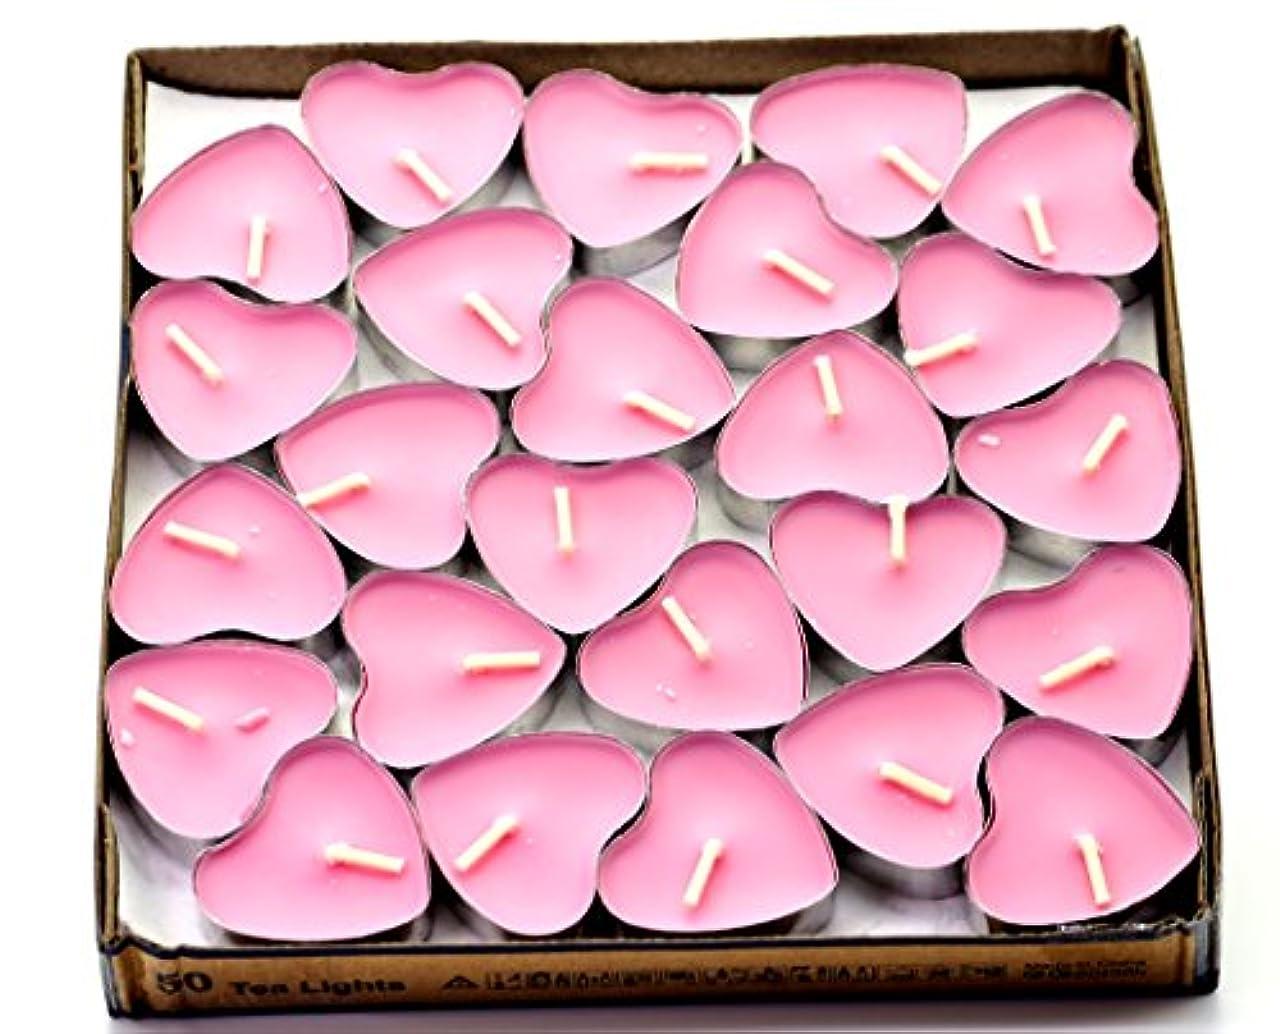 不機嫌ピストルライン(Pink(rose)) - Creationtop Scented Candles Tea Lights Mini Hearts Home Decor Aroma Candles Set of 50 pcs mini...